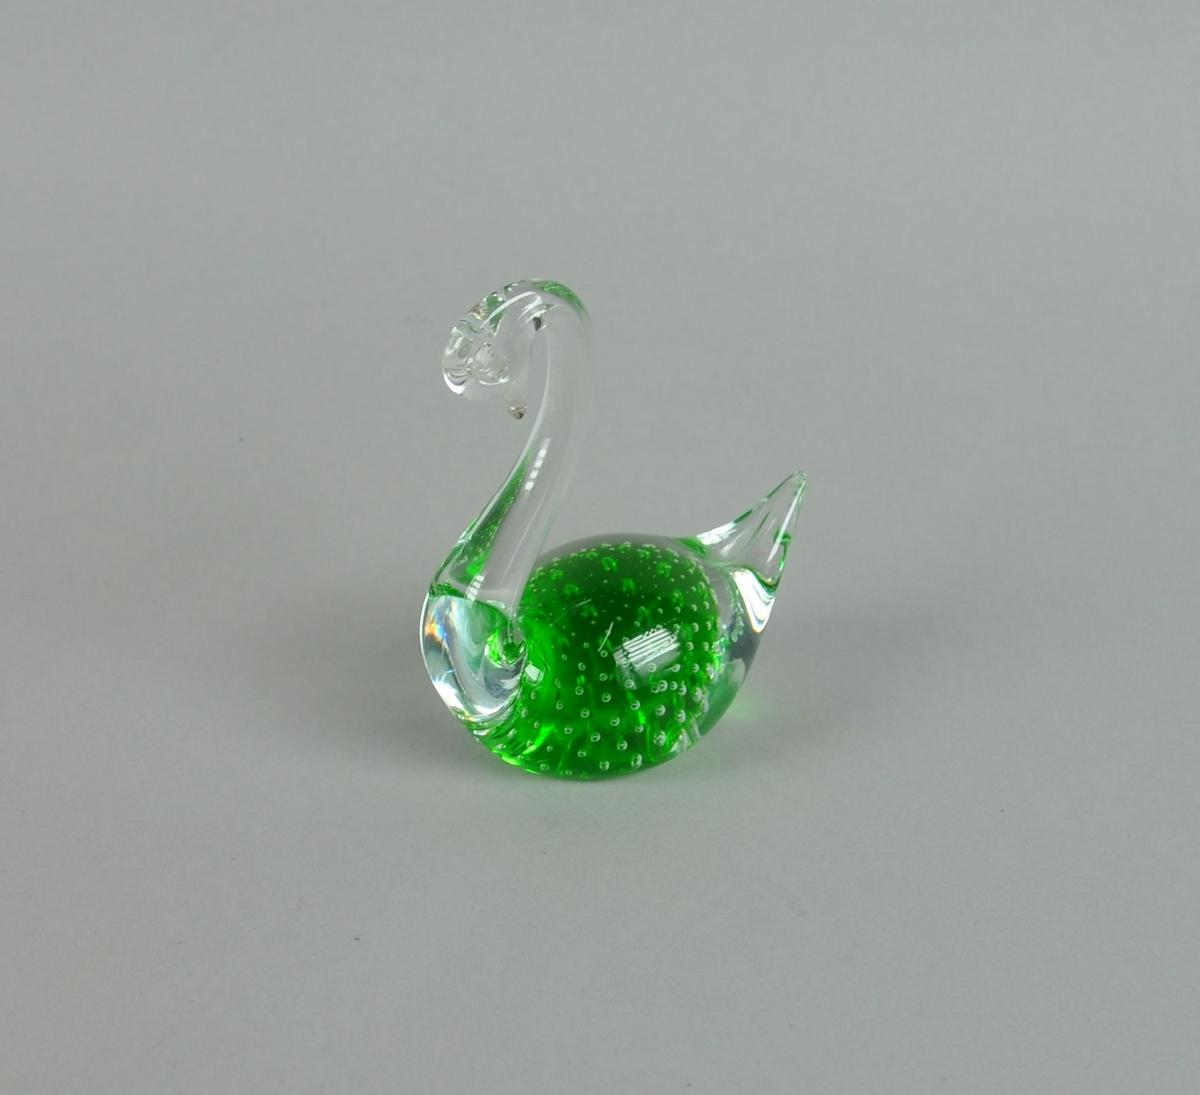 Glassfigur, forestiller svane. Glasset er grønt i midten, med dekorative bobler.